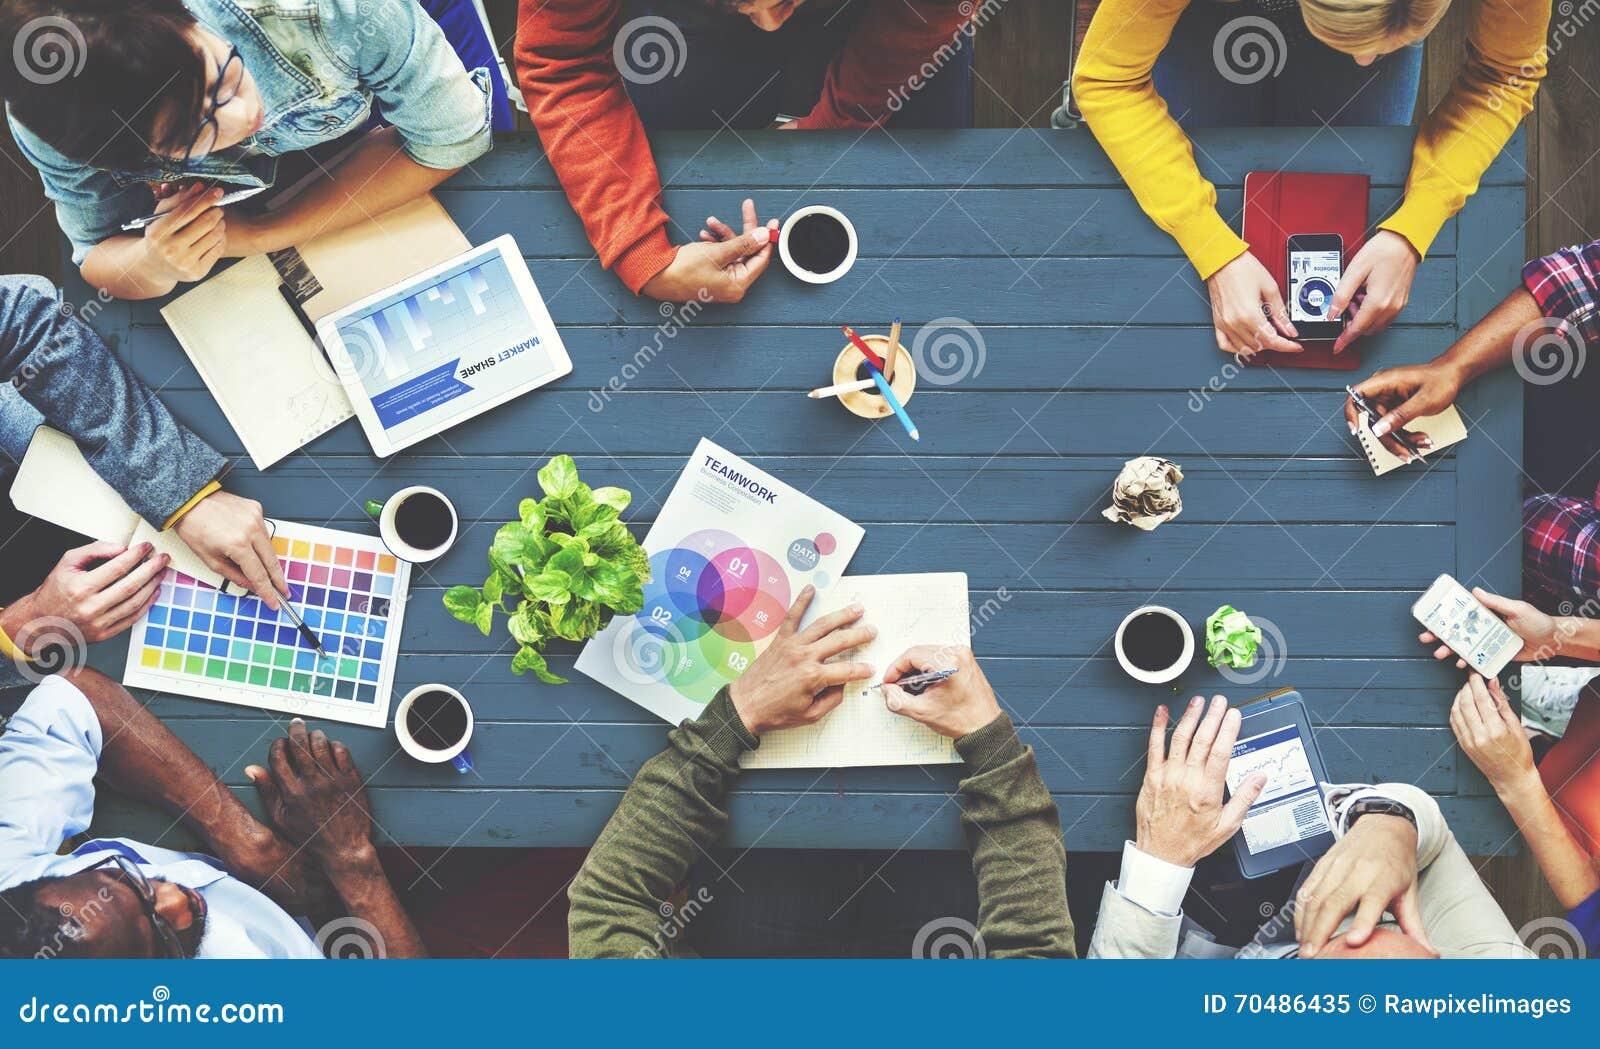 Diseñador multiétnico Brainstorming Contemporary Concept